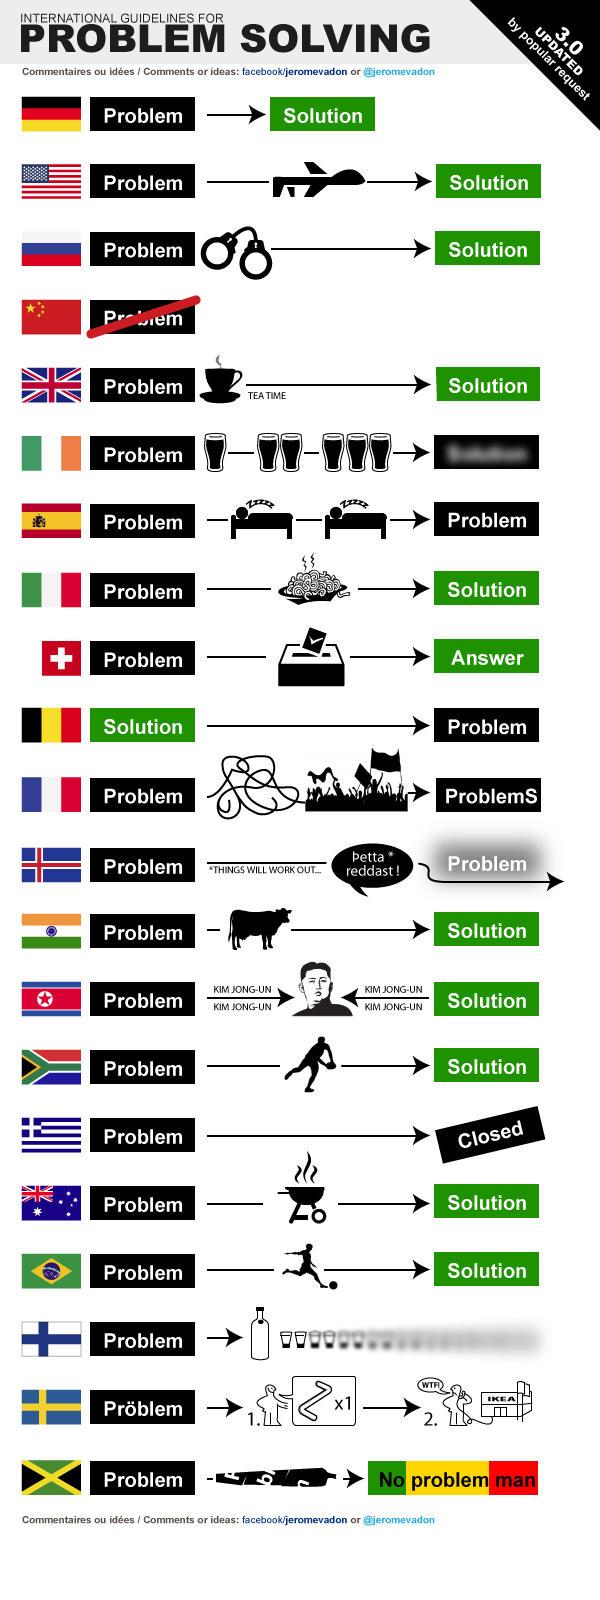 international guidelines for problem solving jeromevadon